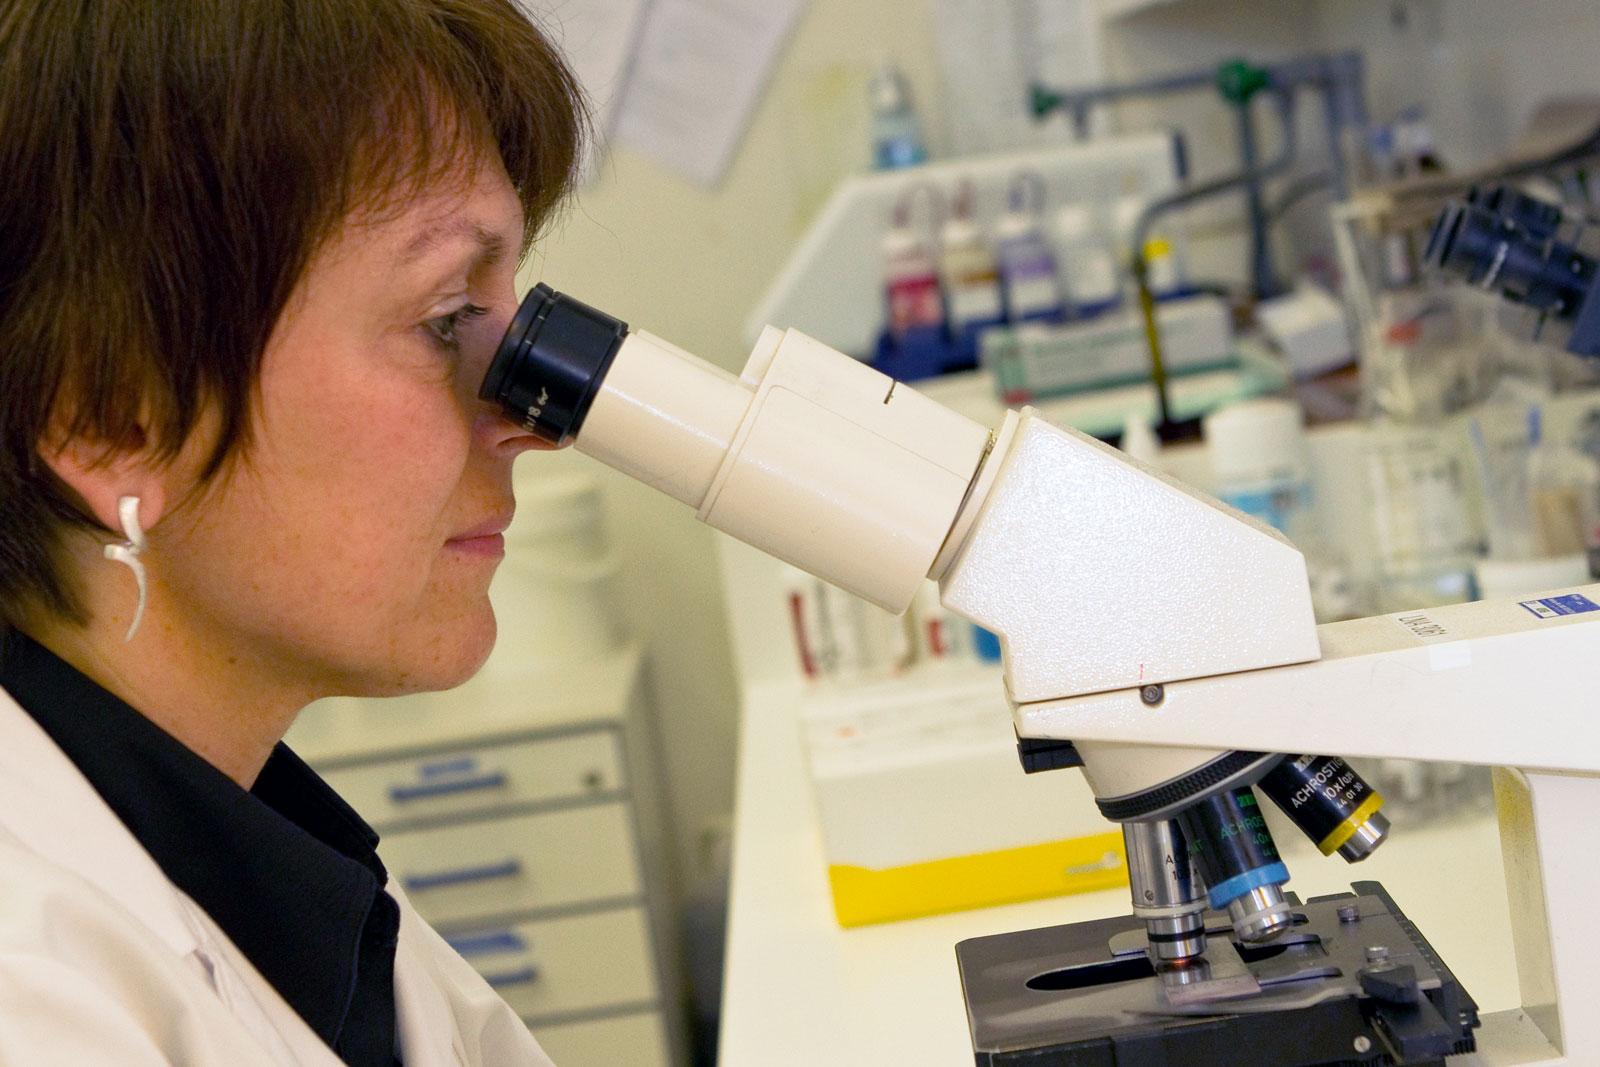 Über das Wochenende wurden 21 Coronainfektionen labor-technisch bestätigt. (Foto: Wahl/Märkischer Kreis)